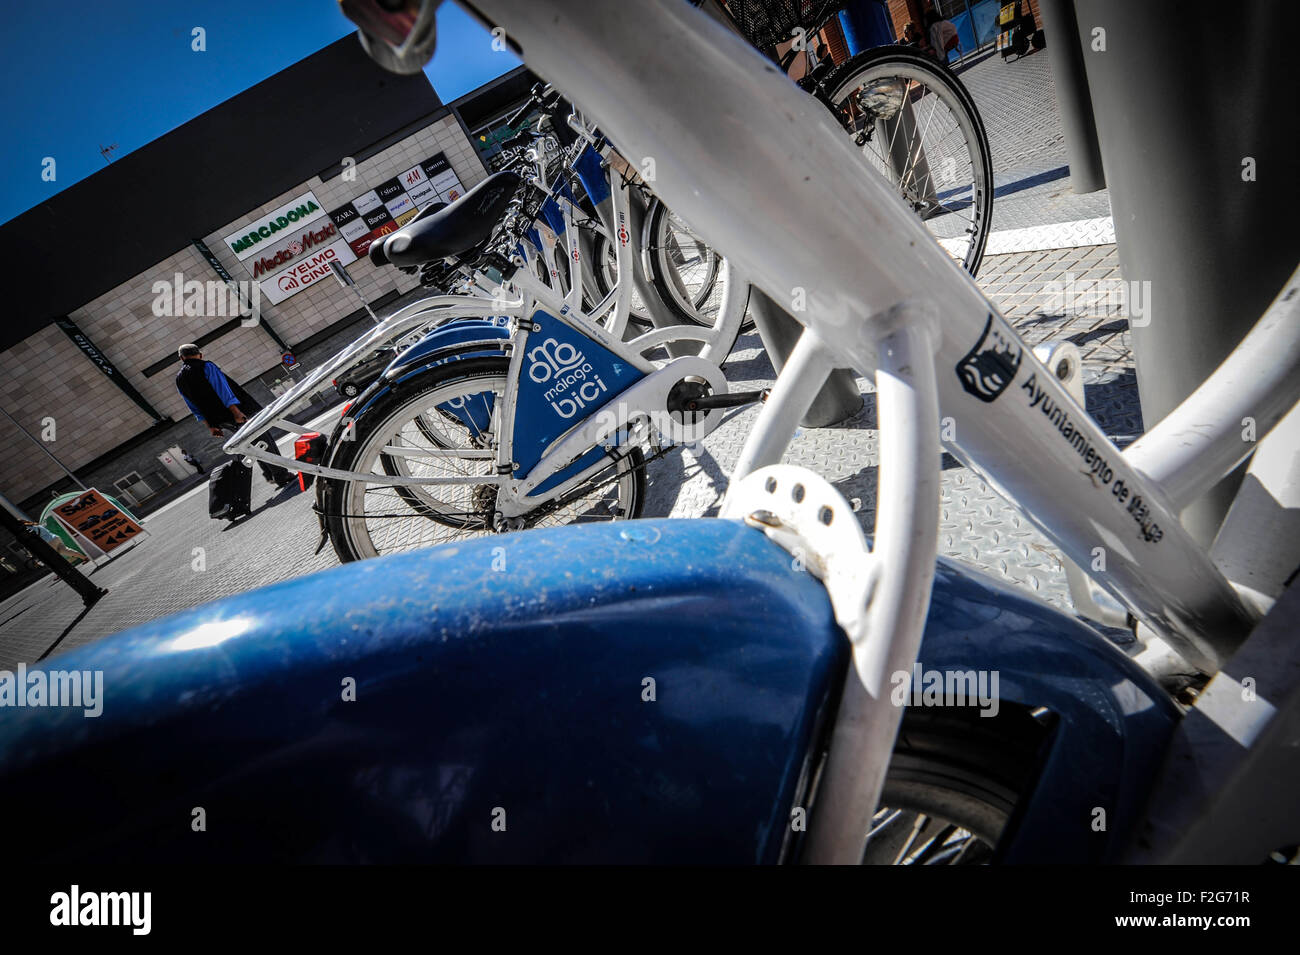 The public bicycles of  Malaga- las bicicletas públicas de Málaga - Stock Image